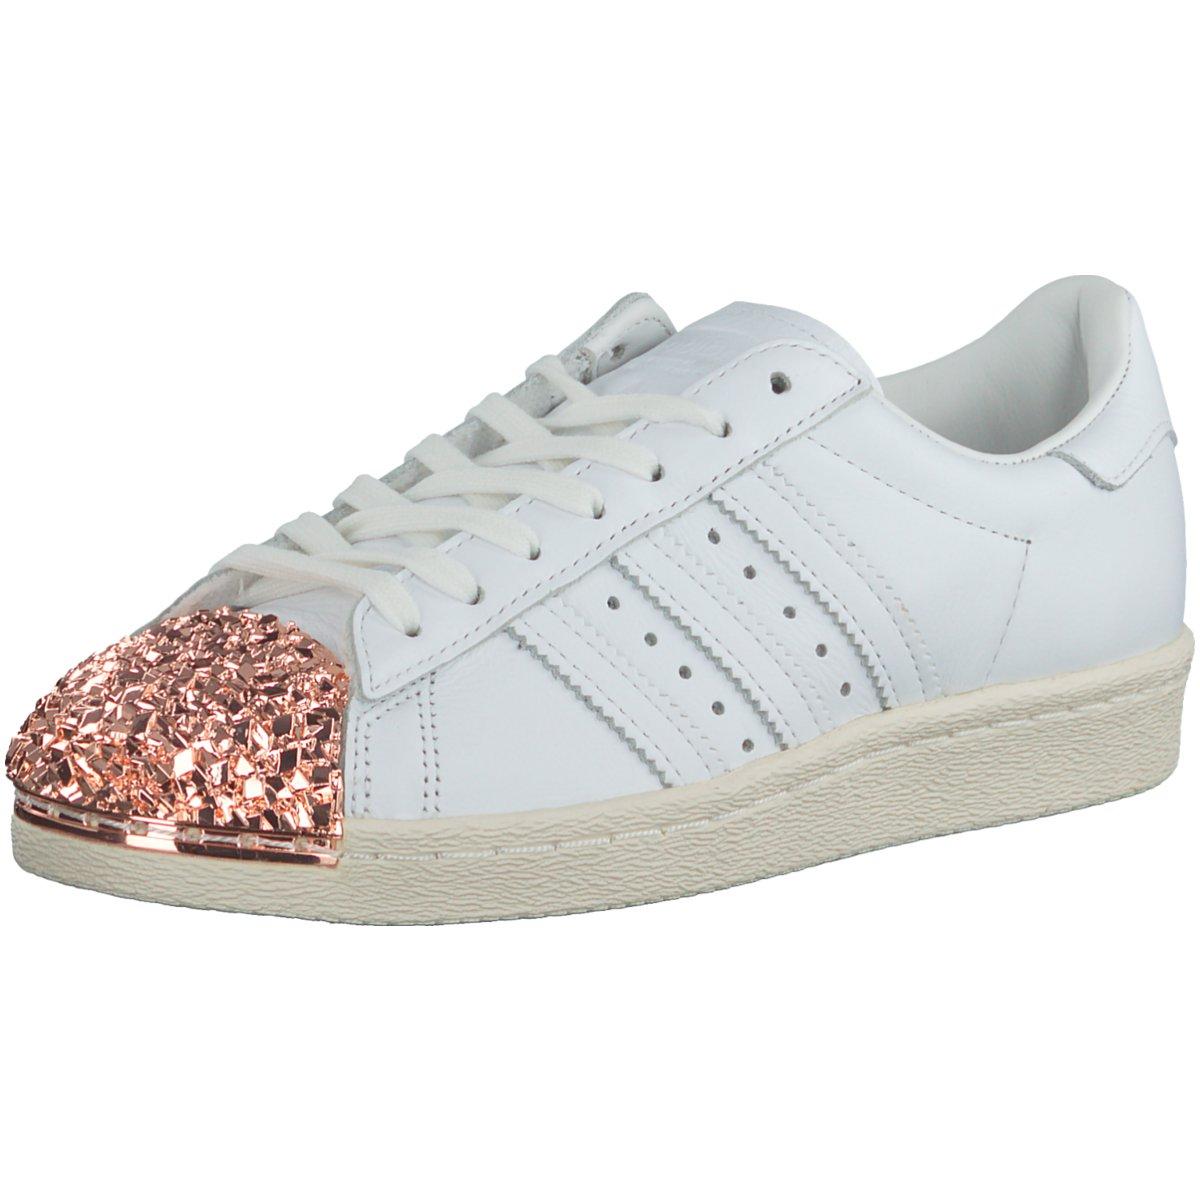 S2K adidas Originals Damen Turnschuhe Superstar 80s 3D Metal Toe Damen Turnschuhe